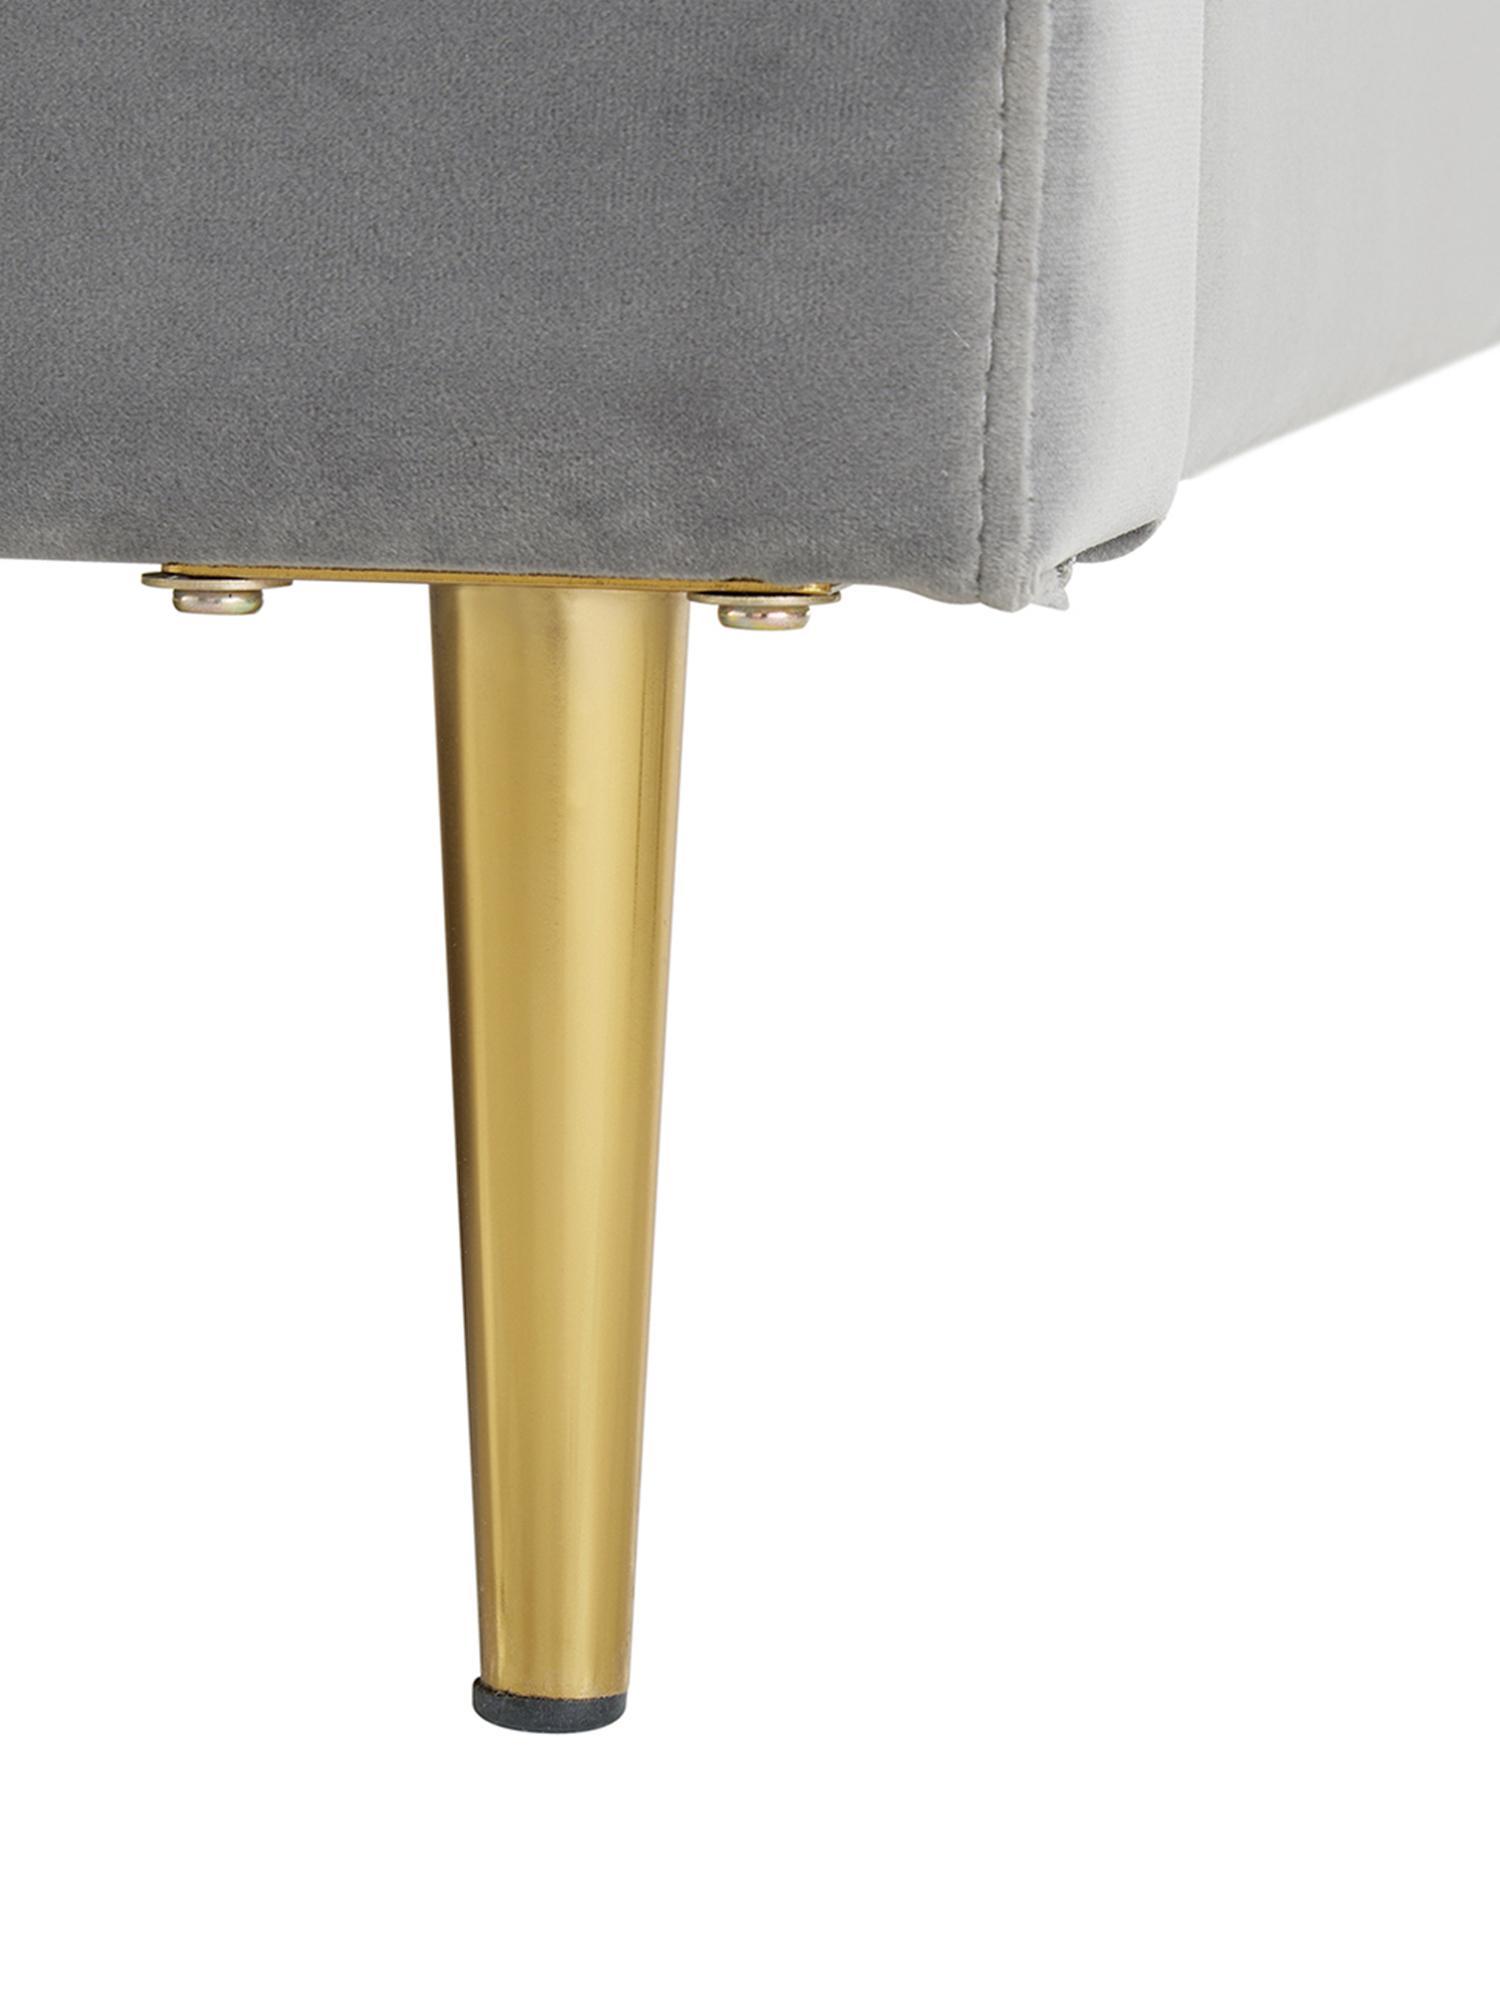 Cama tapizada en terciopelo Glamour, Estructura: madera de pino maciza, Patas: metal, latón, Tapizado: terciopelo (poliéster) 10, Gris, dorado, 160 x 200 cm